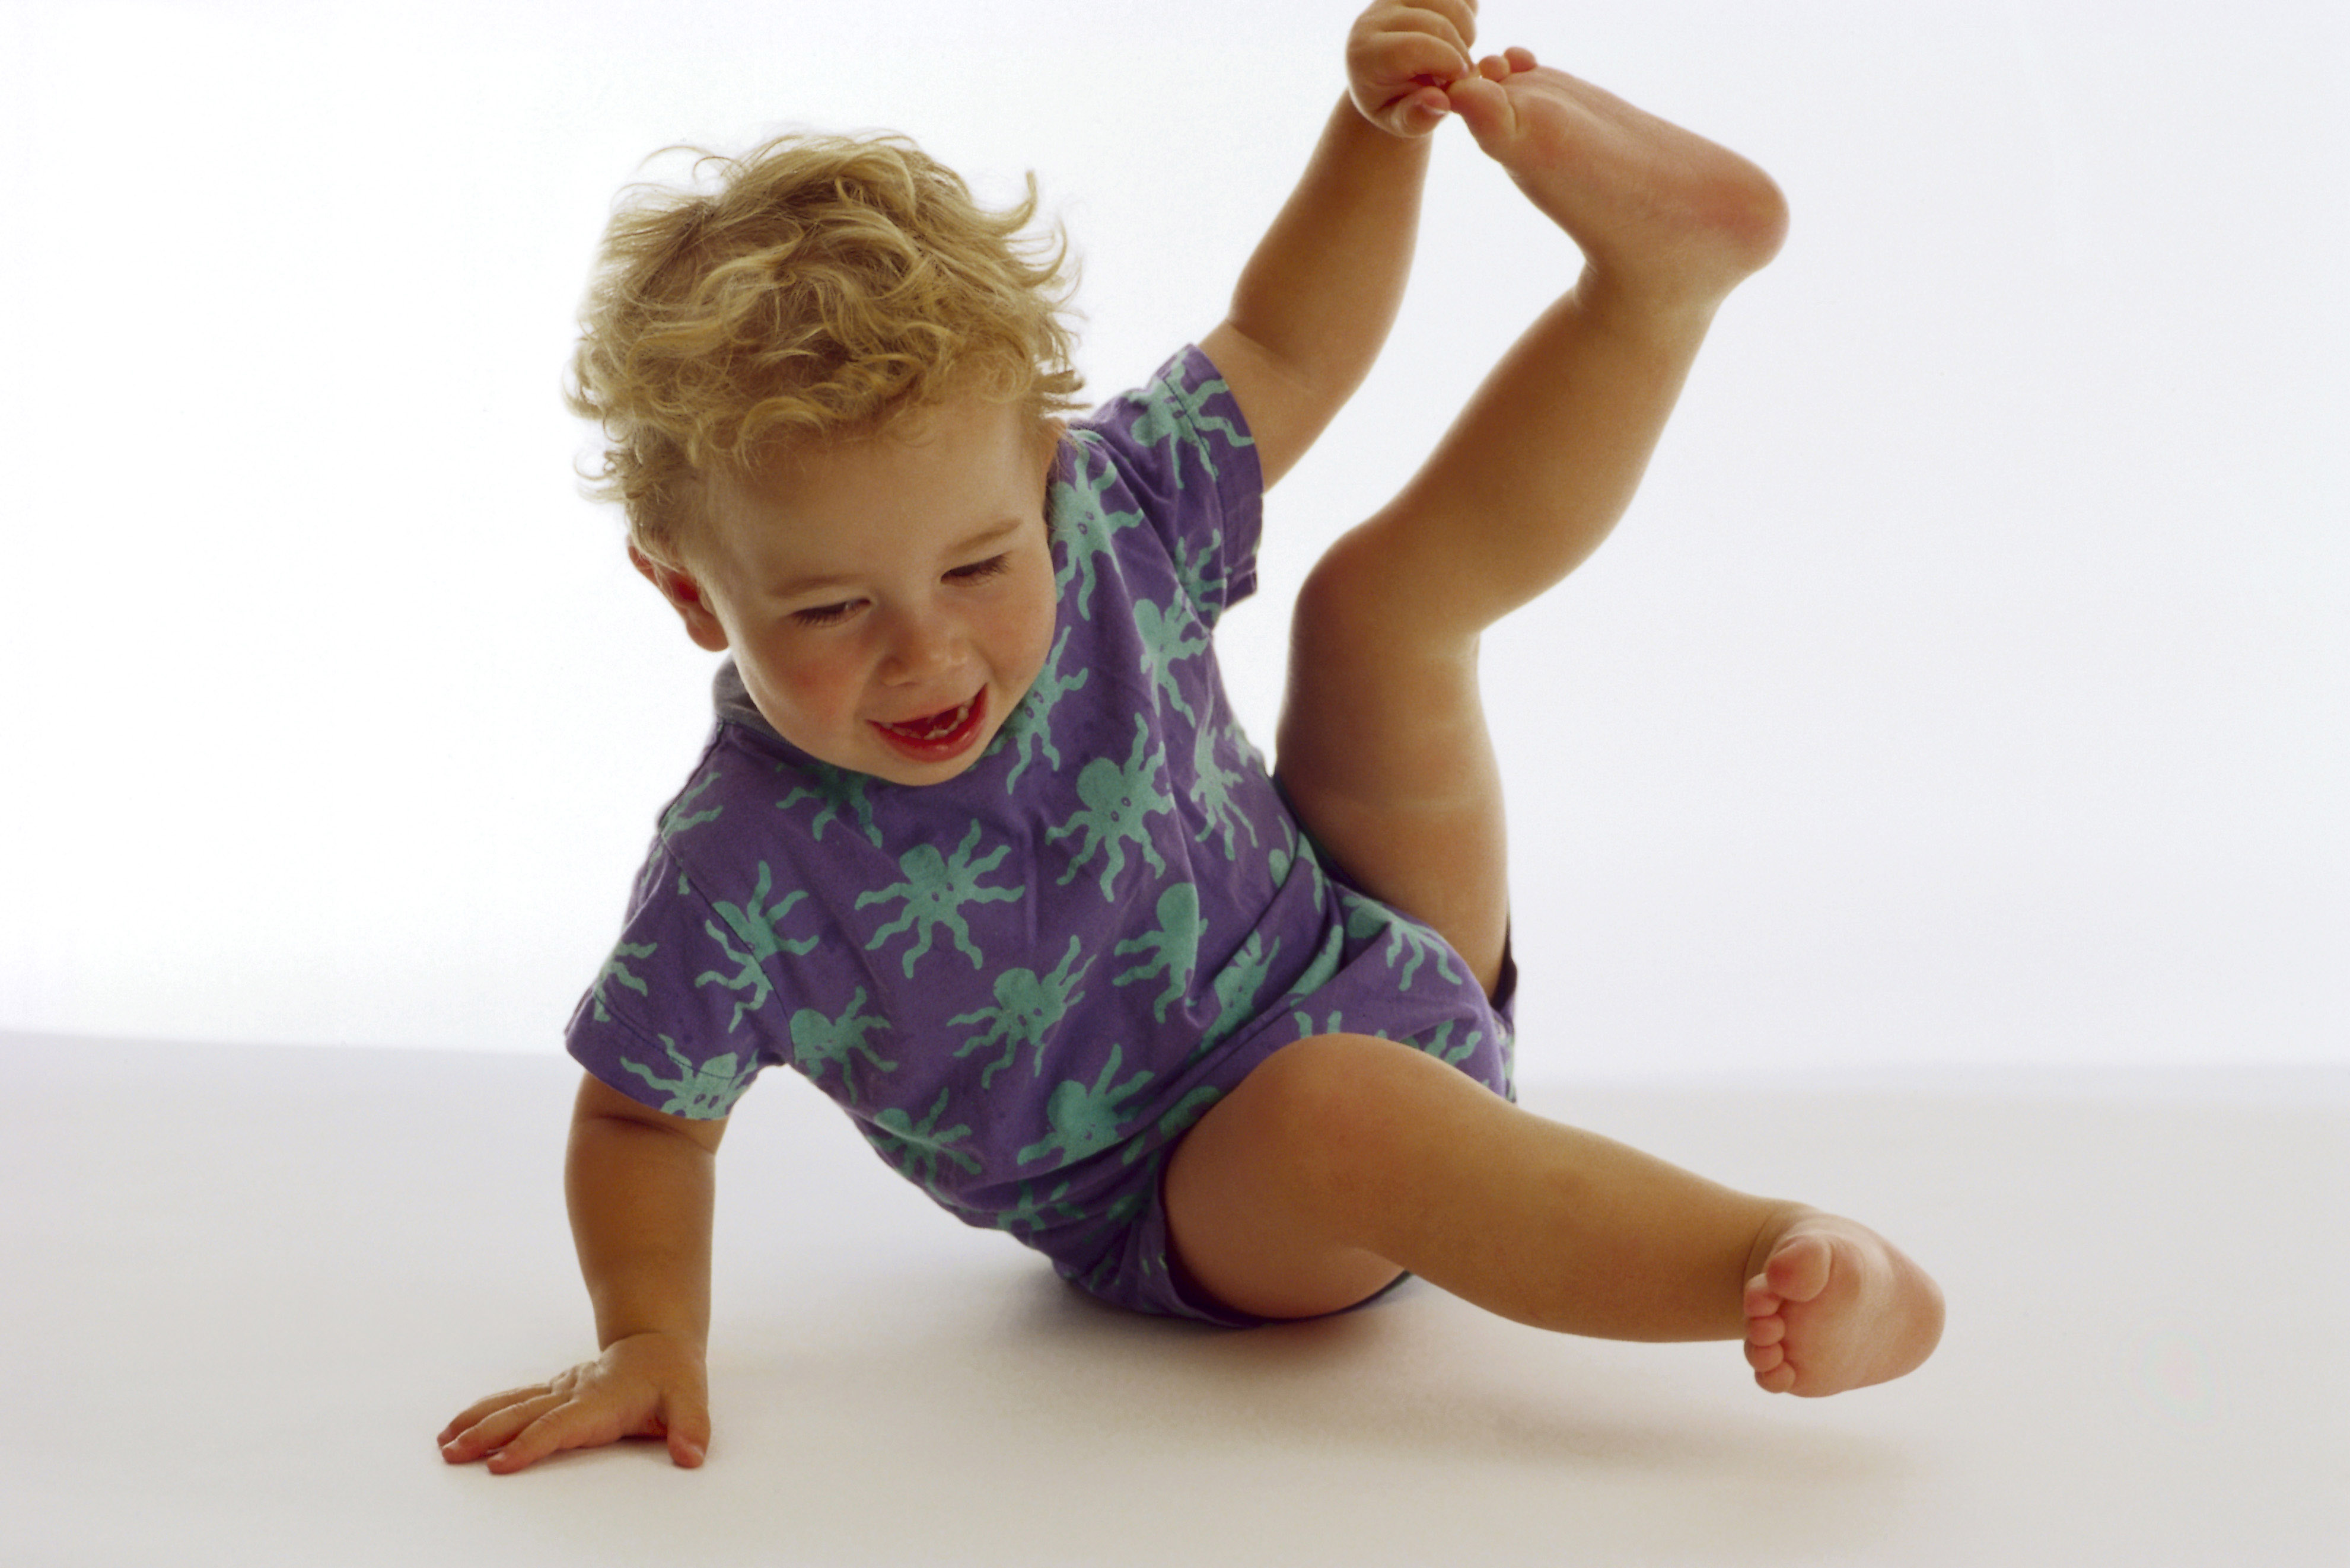 Третий месяц развития малыша: что должен уметь делать ребенок в этом возрасте?